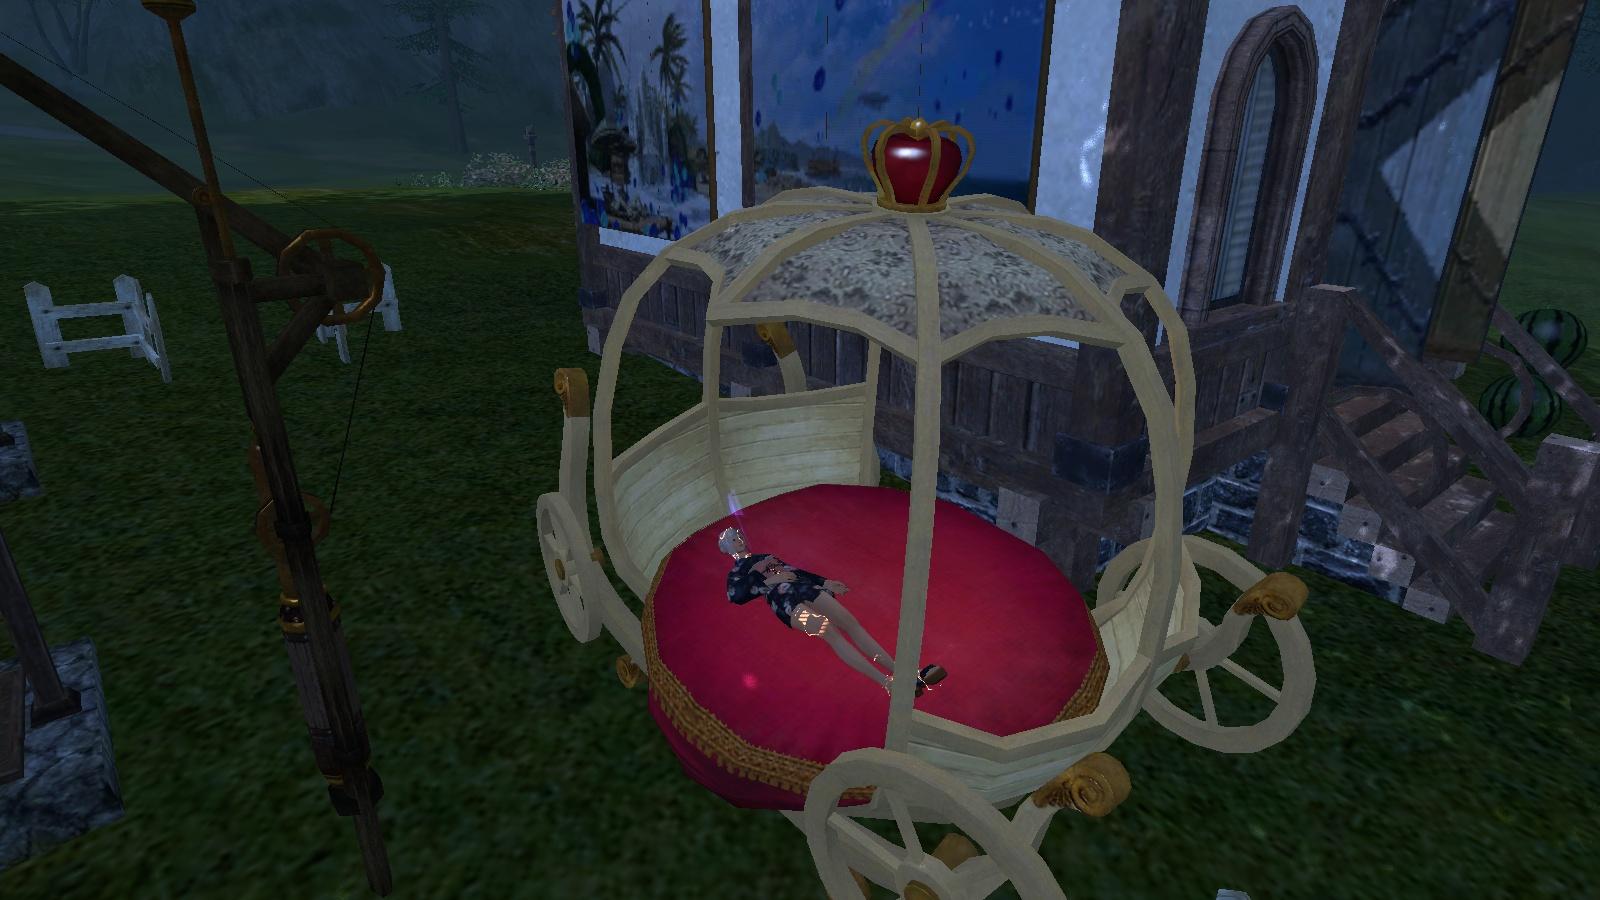 フレの家で勝手に寝る